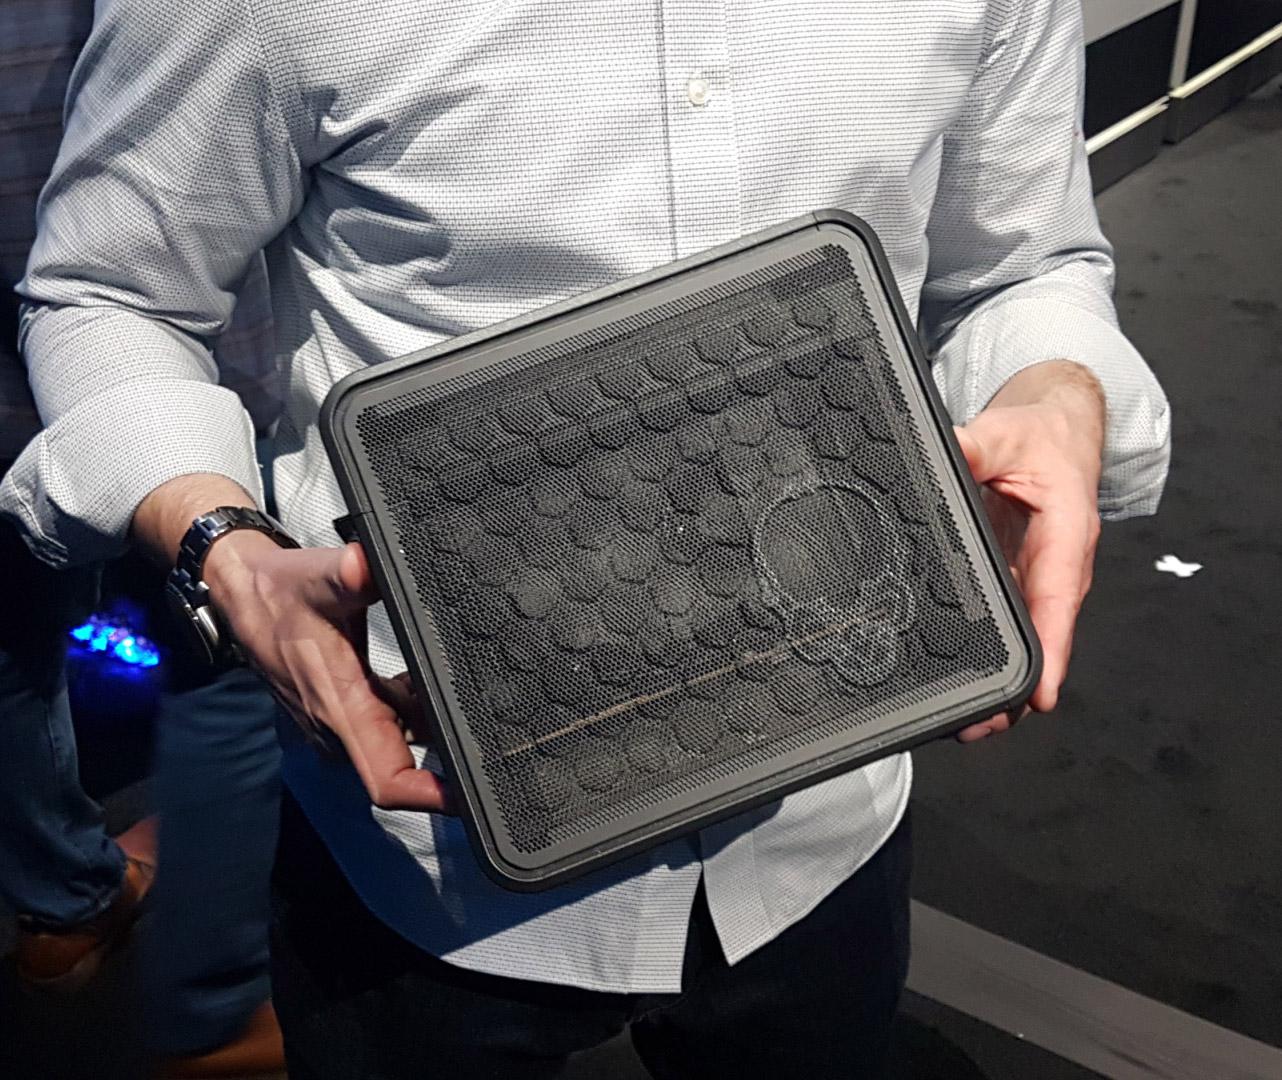 intel ghost canyon nuc - 新マザボ規格「Razer Tomahawk N」採用のゲーミングPCが発売、NUCサイズでフルタワー級の超冷却が可能